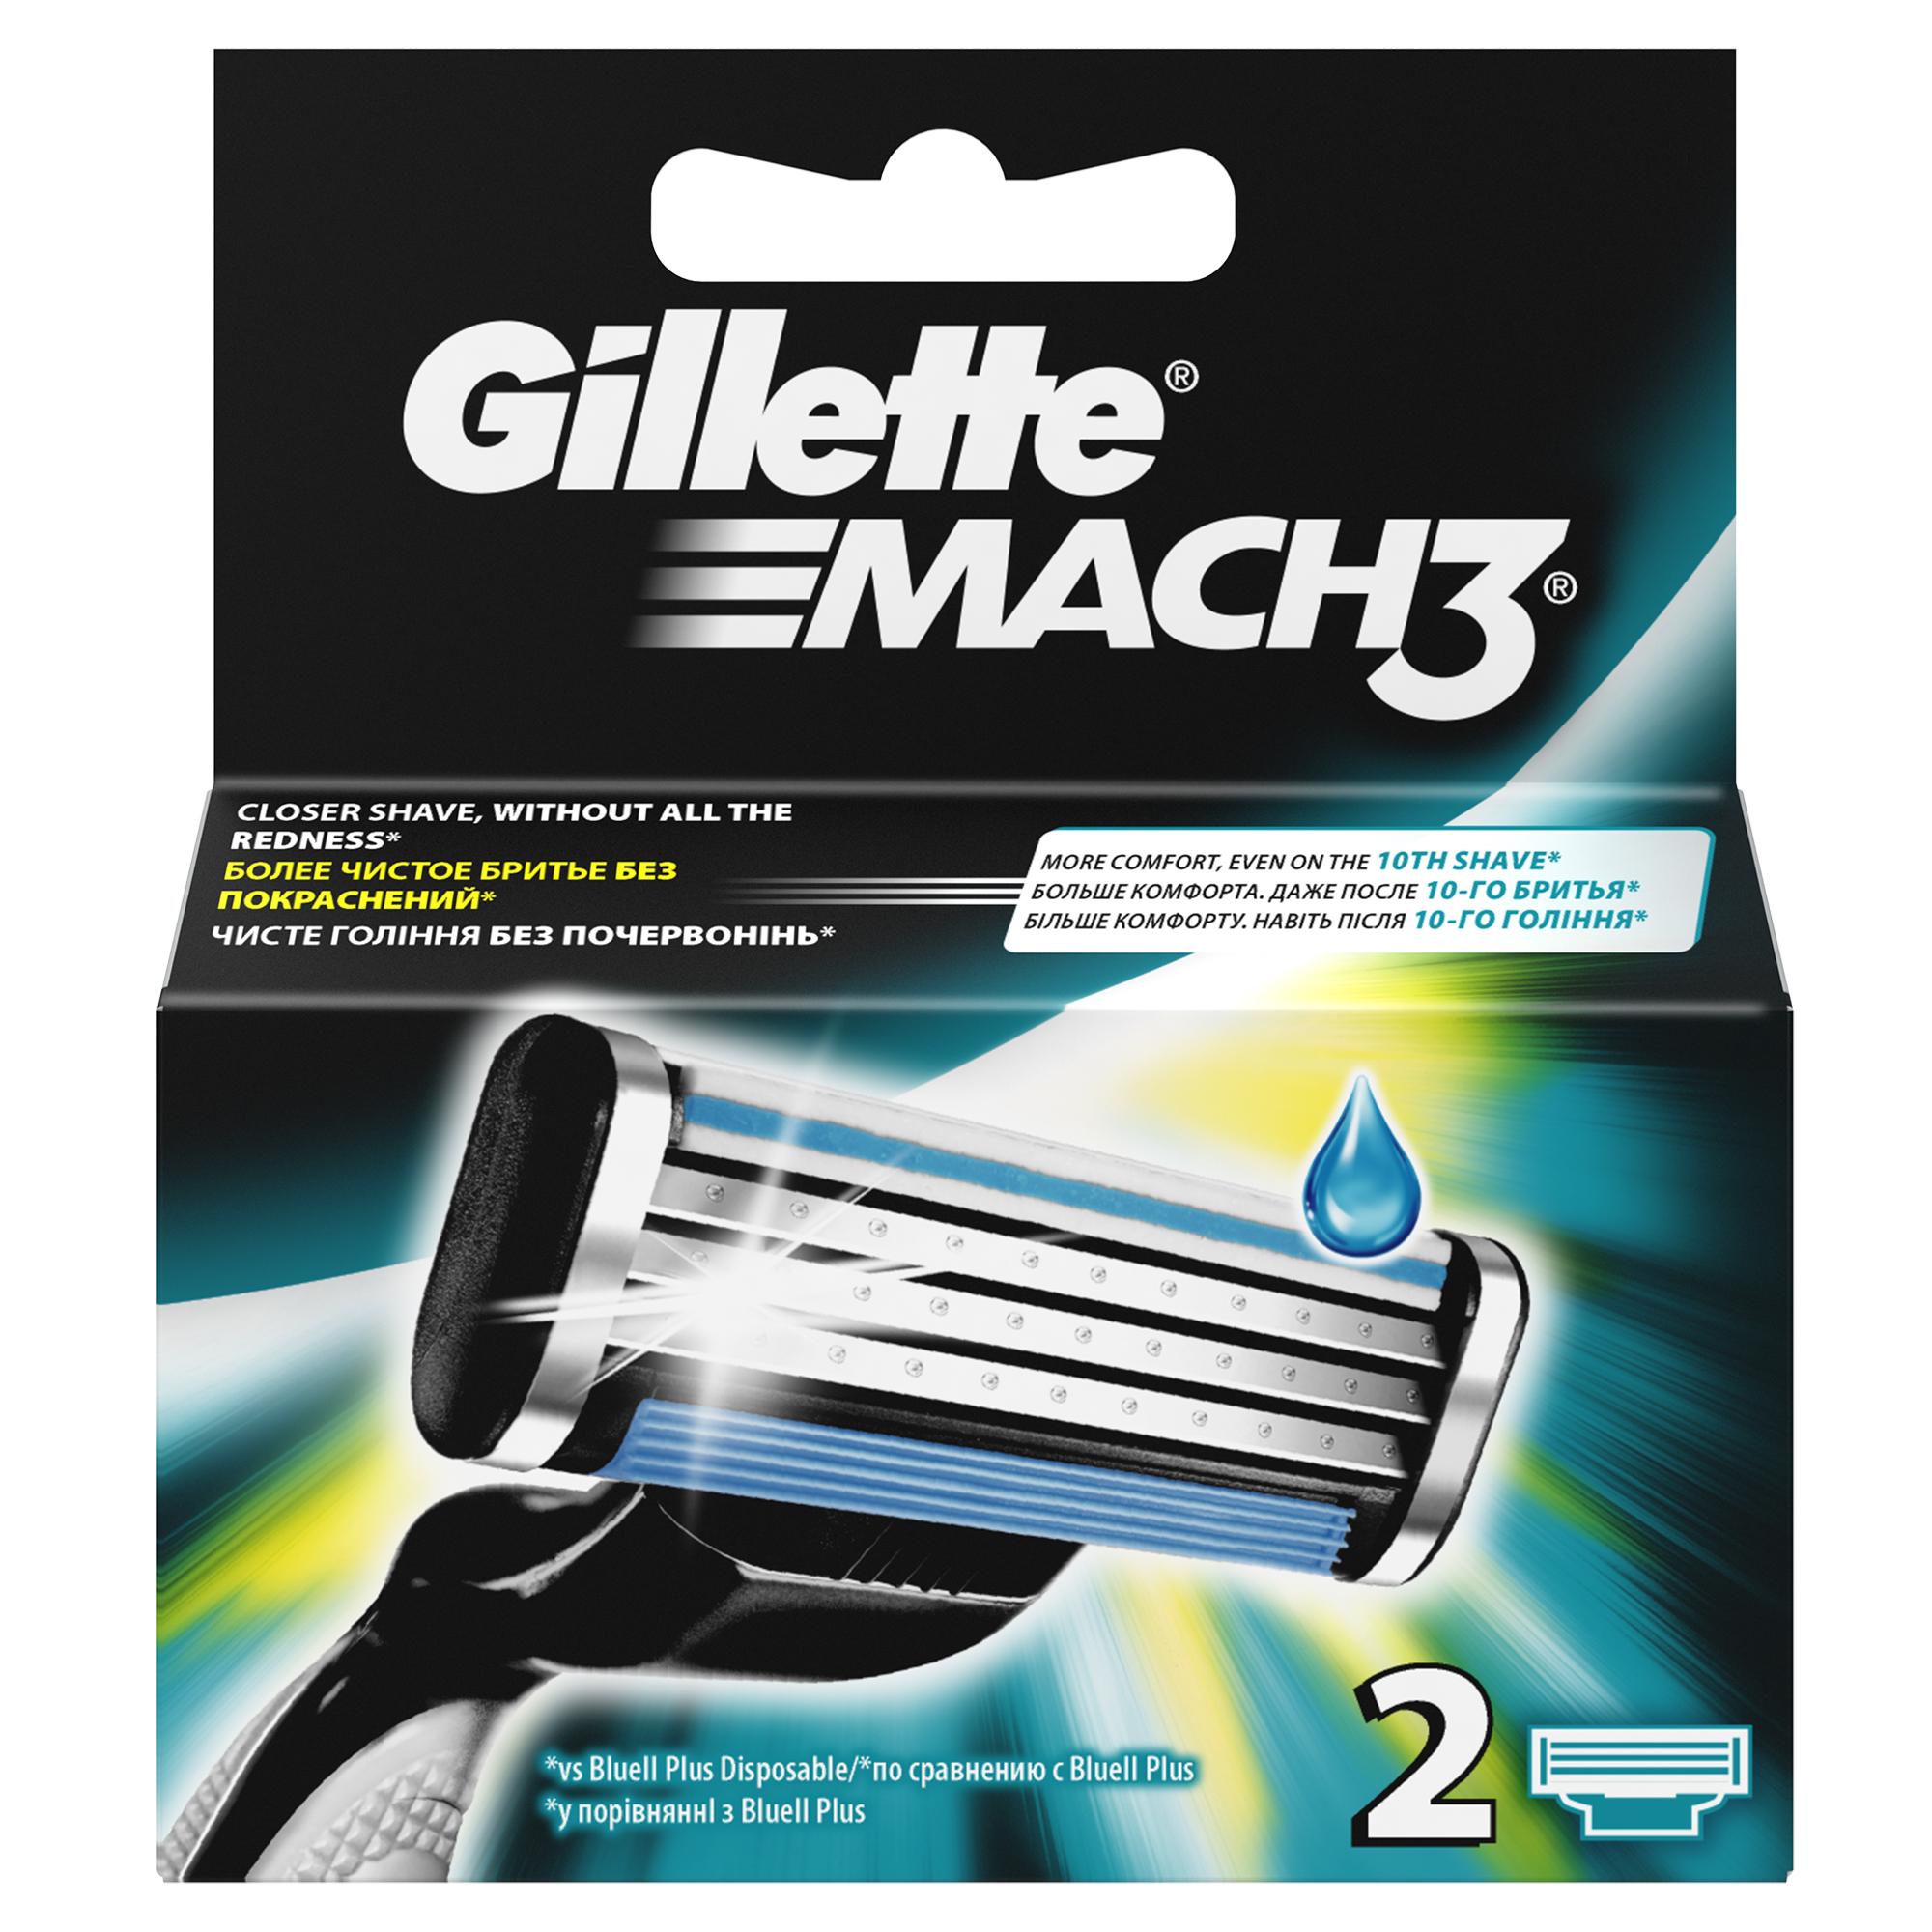 Сменные кассеты для бритья Gillette Mach 3, 2 шт.28032022Сменные кассеты для мужской бритвы Gillette Mach3 обеспечивают гладкое бритье без покраснения кожи, а ощущения даже при 10-м их использовании лучше, чем при бритье новой одноразовой бритвой.* В комплект каждой сменной кассеты входят 3 лезвия DuraComfort для долговременного комфорта. Гелевая полоска скользит по коже, защищая ее от покраснения, а усовершенствованный микрогребень Skin Guard помогает натянуть кожу и подготовить волоски к срезанию. Эти сменные кассеты для бритвы Mach3 подходят к любой бритве Mach3. *По сравнению с Gillette BlueIIПреимущества продукта:Даже 10-ое бритье Mach3 комфортнее 1-го одноразовой бритвой (по сравнению с Gillette Blue II Plus)Более гладкое бритье без раздражения (по сравнению с одноразовой бритвой Gillette Blue II Plus)3 лезвия DuraComfort для долговременного комфортаГелевая полоска скользит по коже, защищая ее от покрасненияУсовершенствованный микрогребень Skin Guard помогает натянуть кожу и подготовить волоски к срезаниюПодходит к любым бритвам серии Mach3